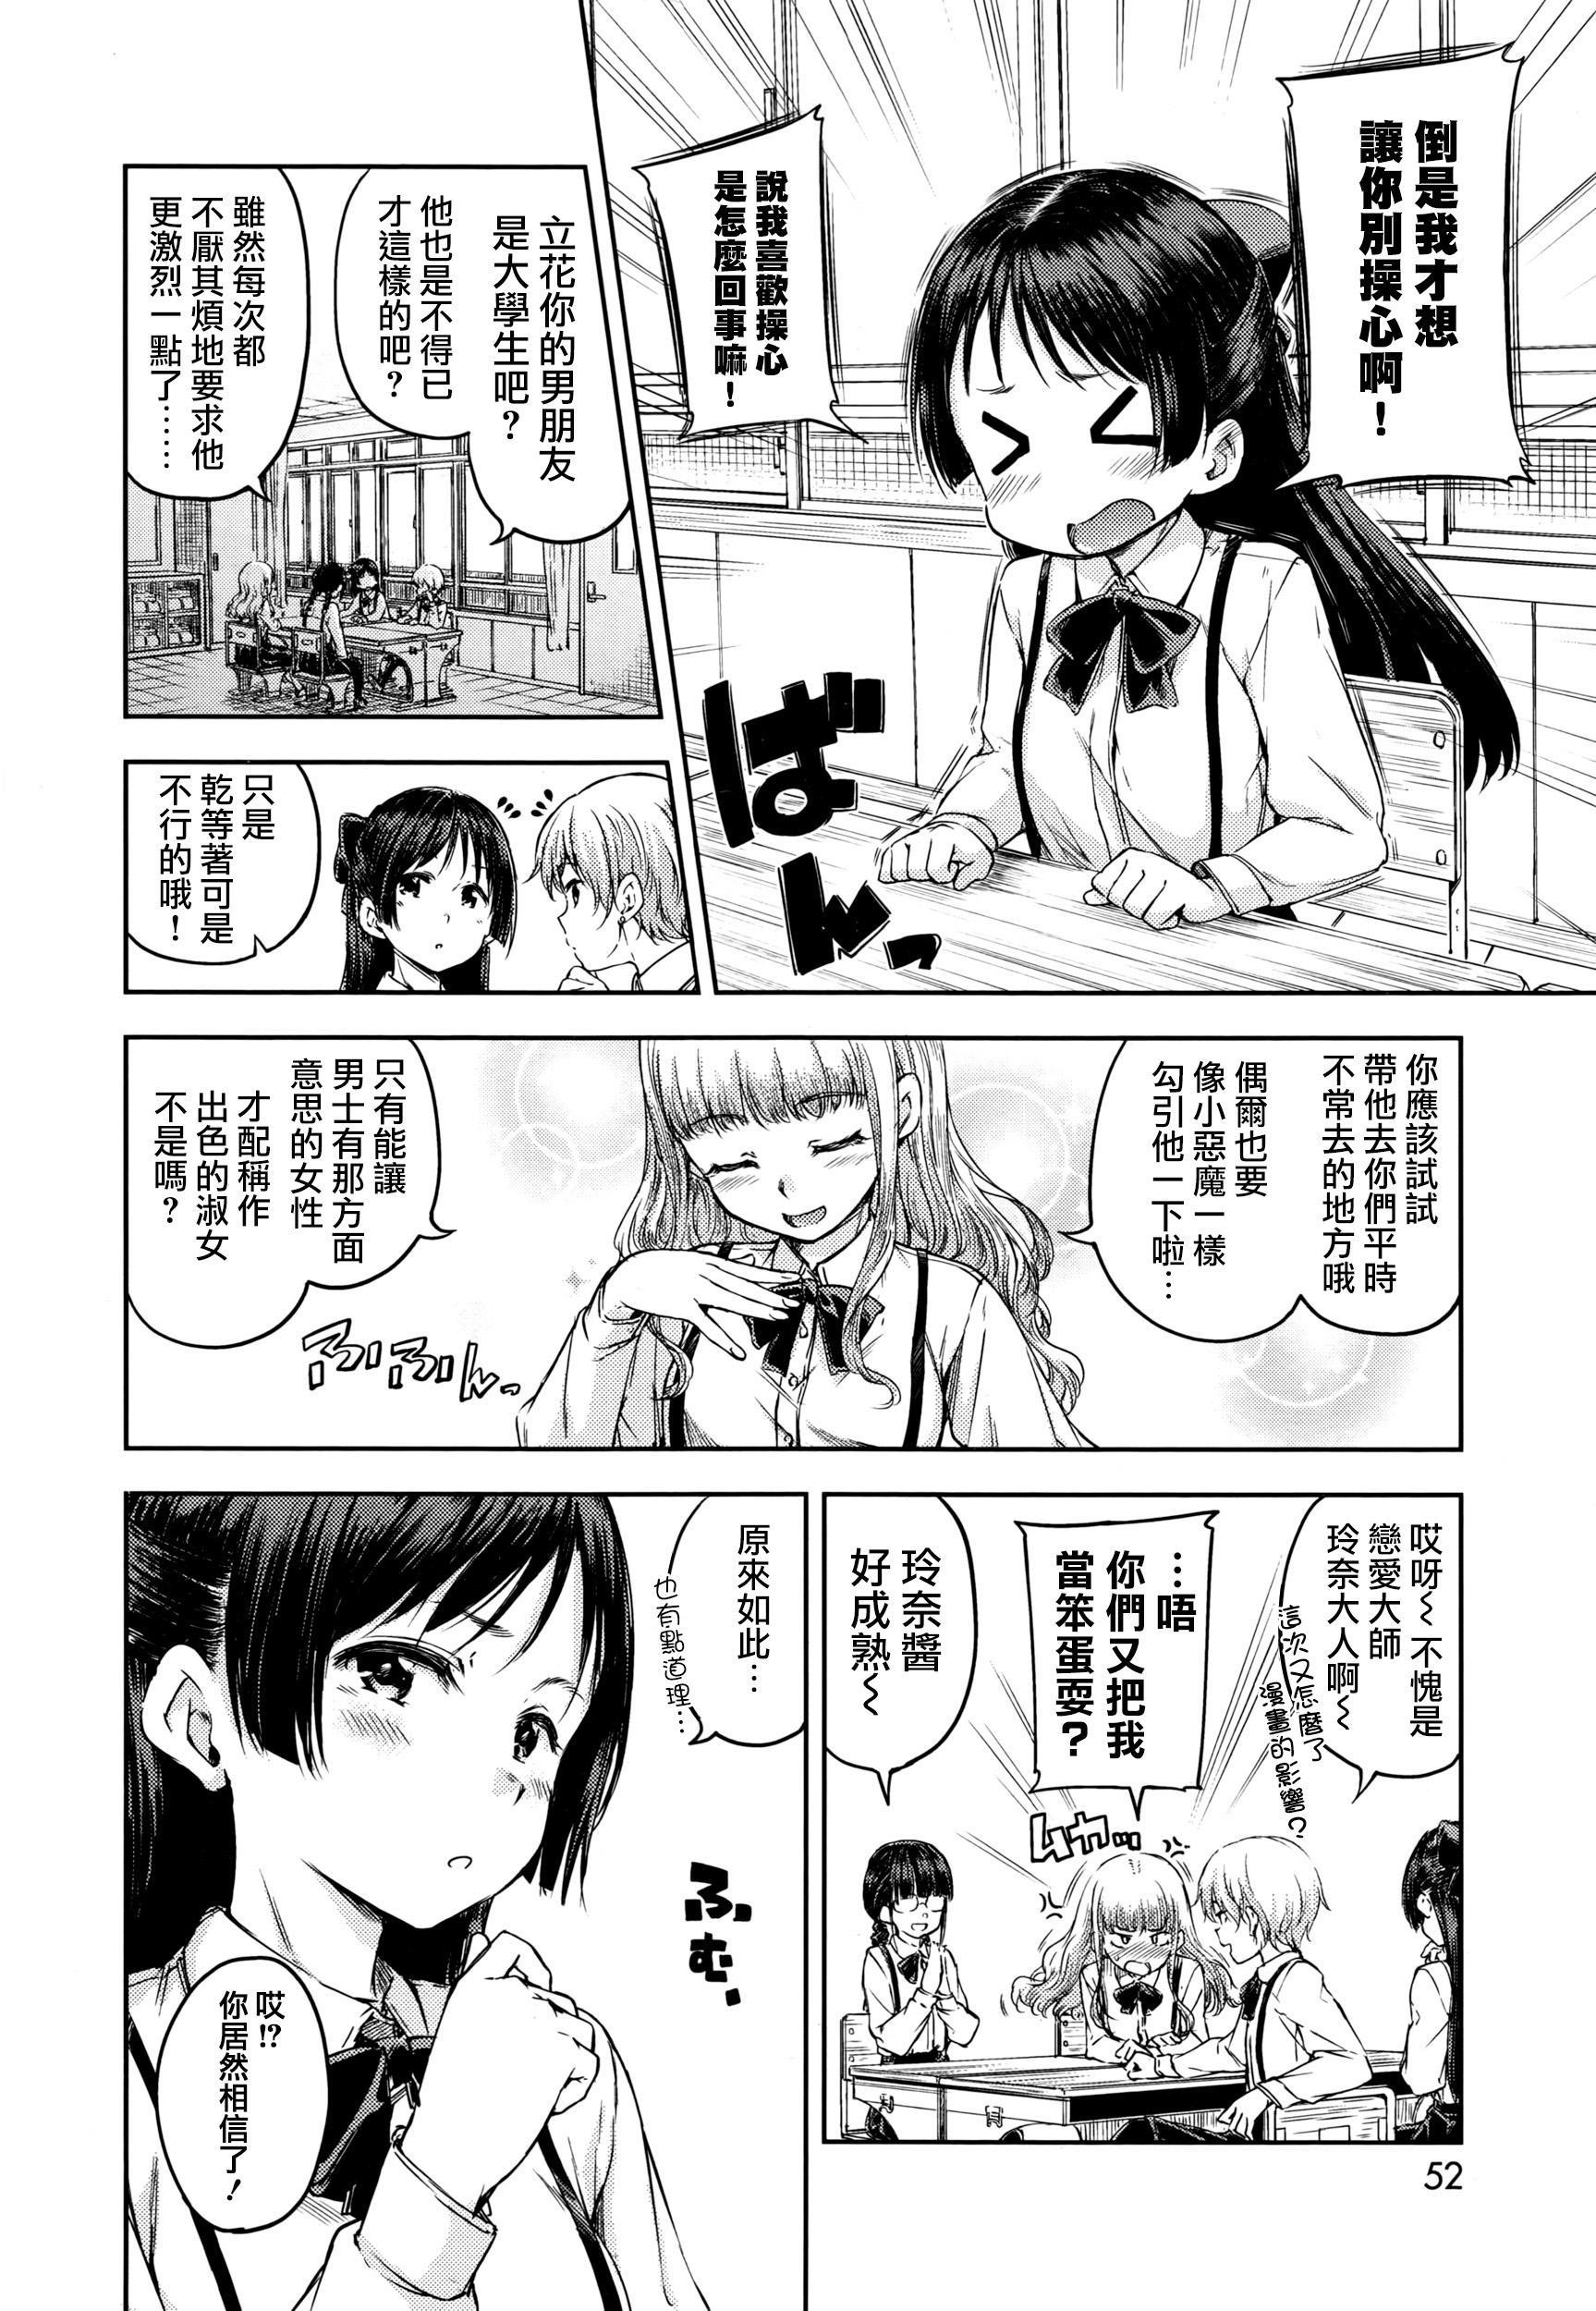 Chuuniuita Mama no Kimochi | 如同身處虚空一般的感覺 2